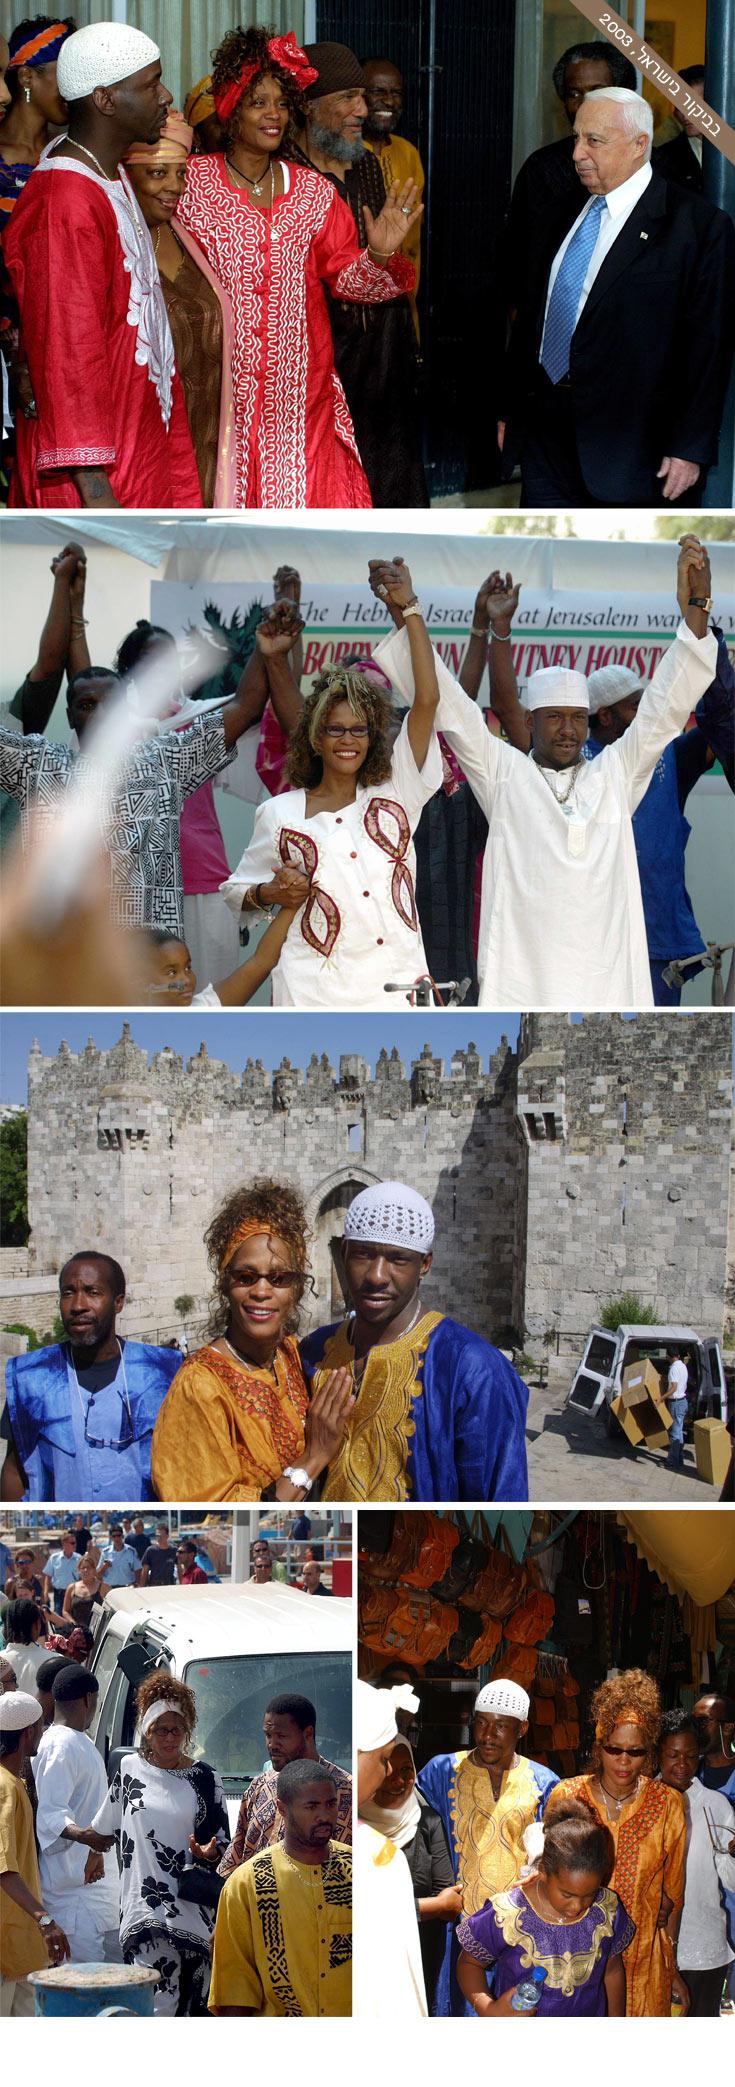 מדינת ישראל לא ידעה את נפשה מרוב שמחה על ביקורה של יוסטון, שסימל נקודת מפנה במראה של הכוכבת שסבלה באותם ימים, ממש כמו ישראל, ממשבר יחסי ציבור. בביקור התהדרה הזמרת בשמלות אפריקאיות, שהפגינו את גאוותה בשורשיה השחורים. השמלות, שיוצרו ועוצבו על ידי נשות קהילת העבריים בכפר שלום שבדימונה, הפכו ללהיט בינלאומי, כאשר גם אופרה ווינפרי וסטיבי וונדר אימצו אותן ( צילום: gettyimages )